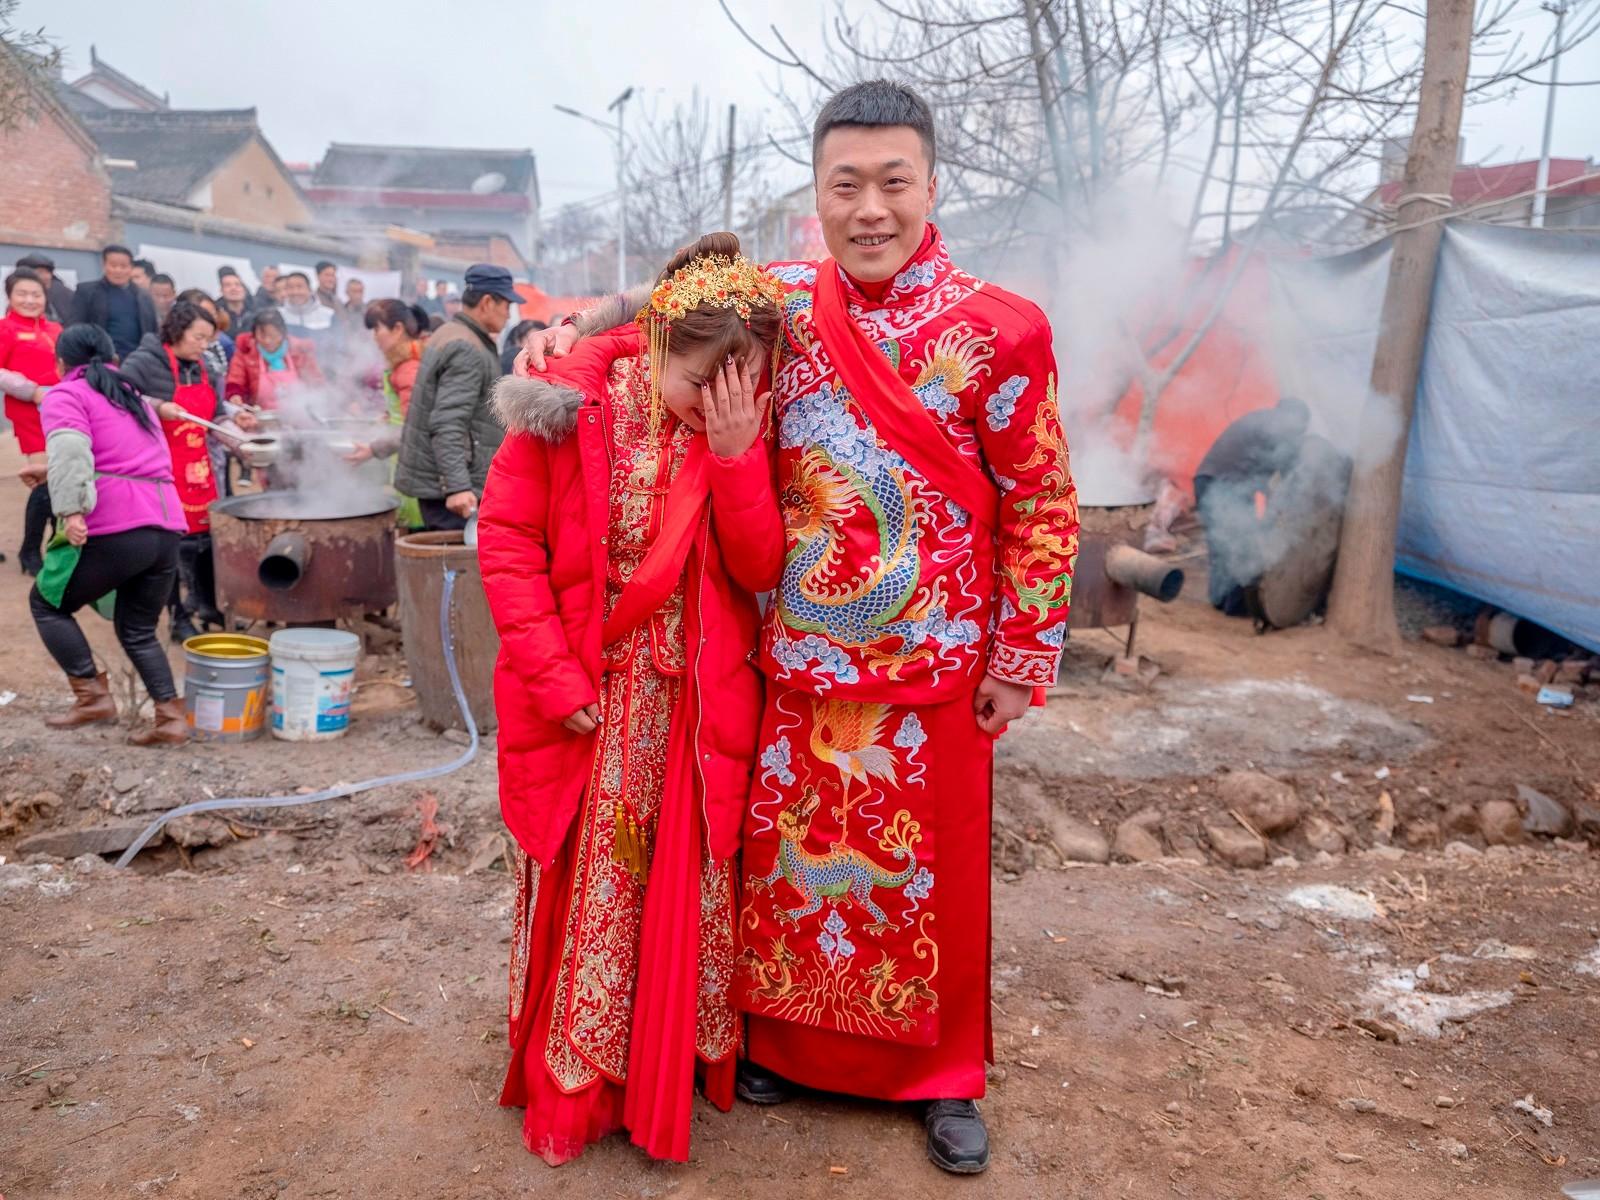 王攀+《陇县,脱贫摘帽前的新年》之一.jpg